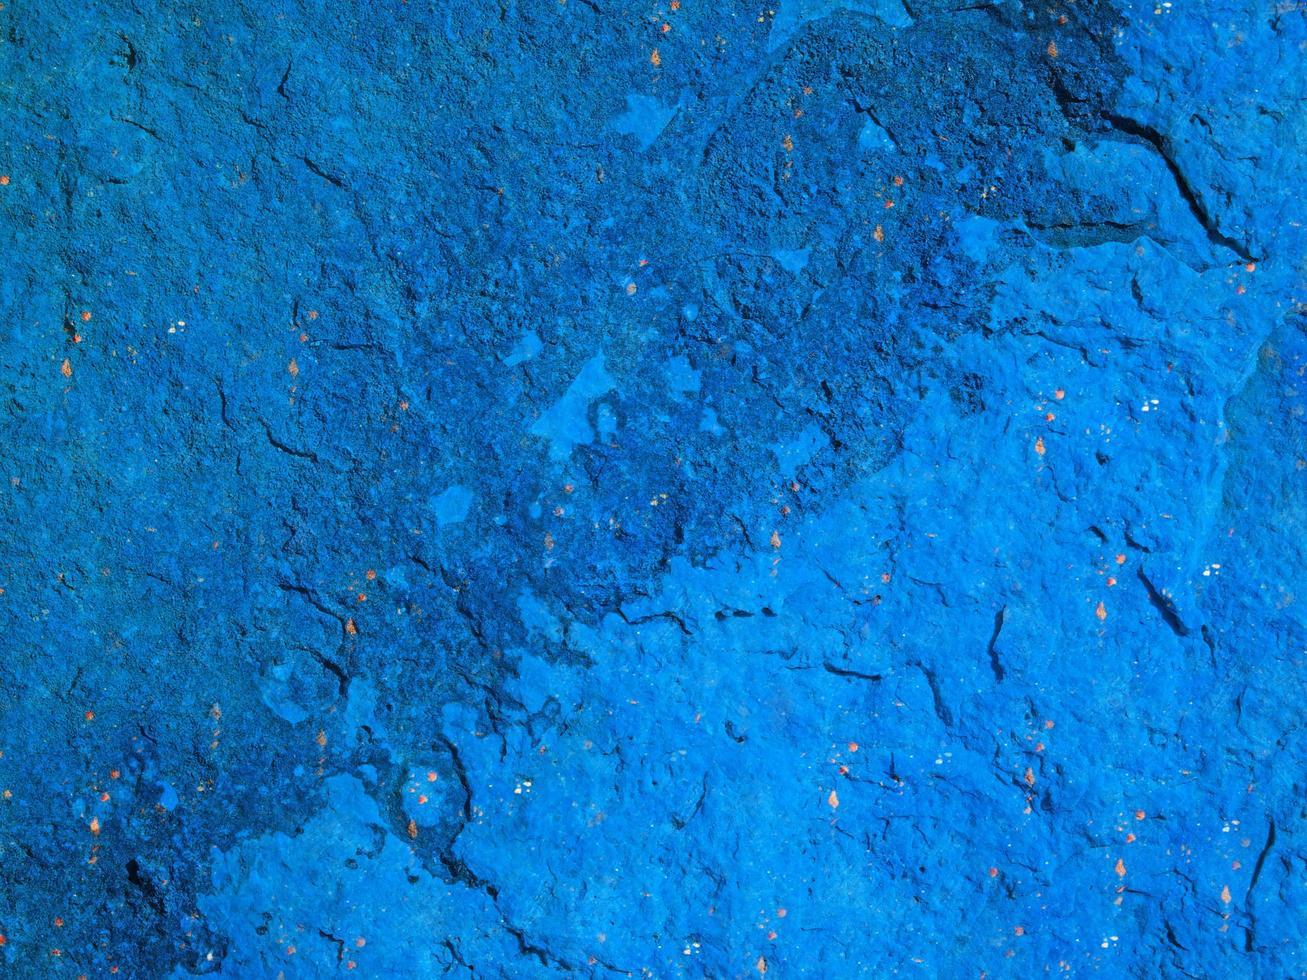 painel de mármore azul para plano de fundo ou textura foto